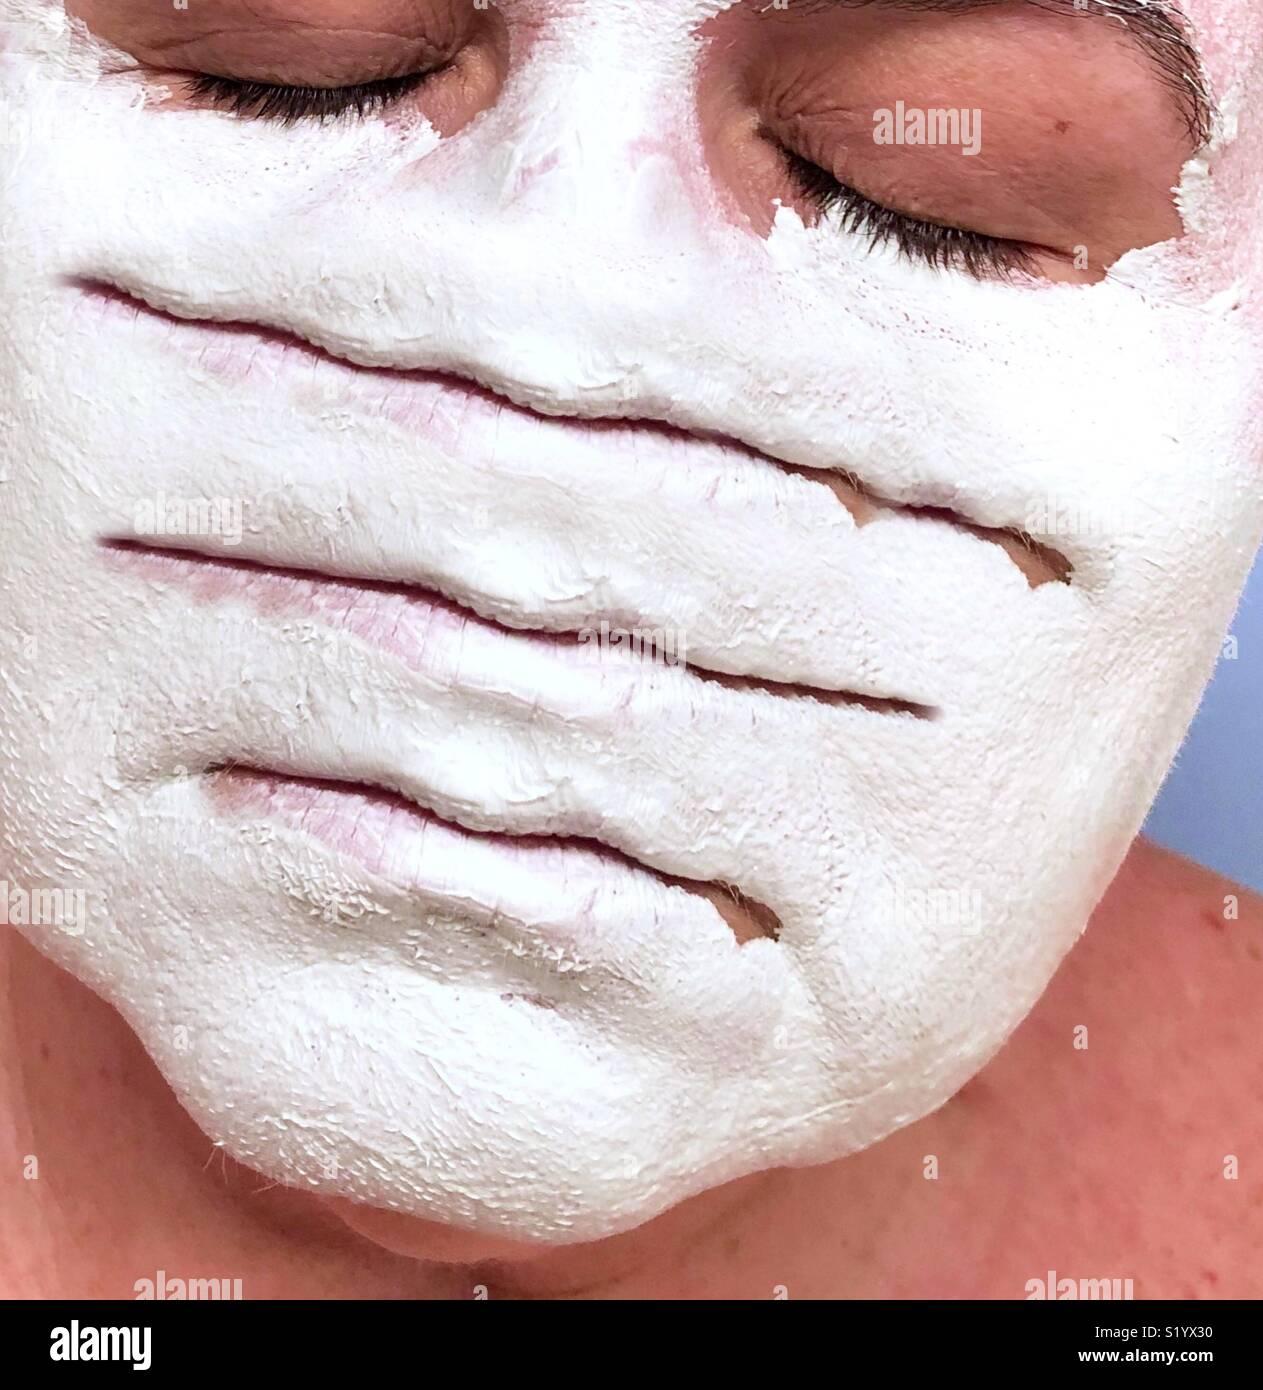 Un abstract illustrazione concettuale di una donna con gli occhi chiusi che indossa una argilla bianca maschera di fango con tre set di labbra Immagini Stock